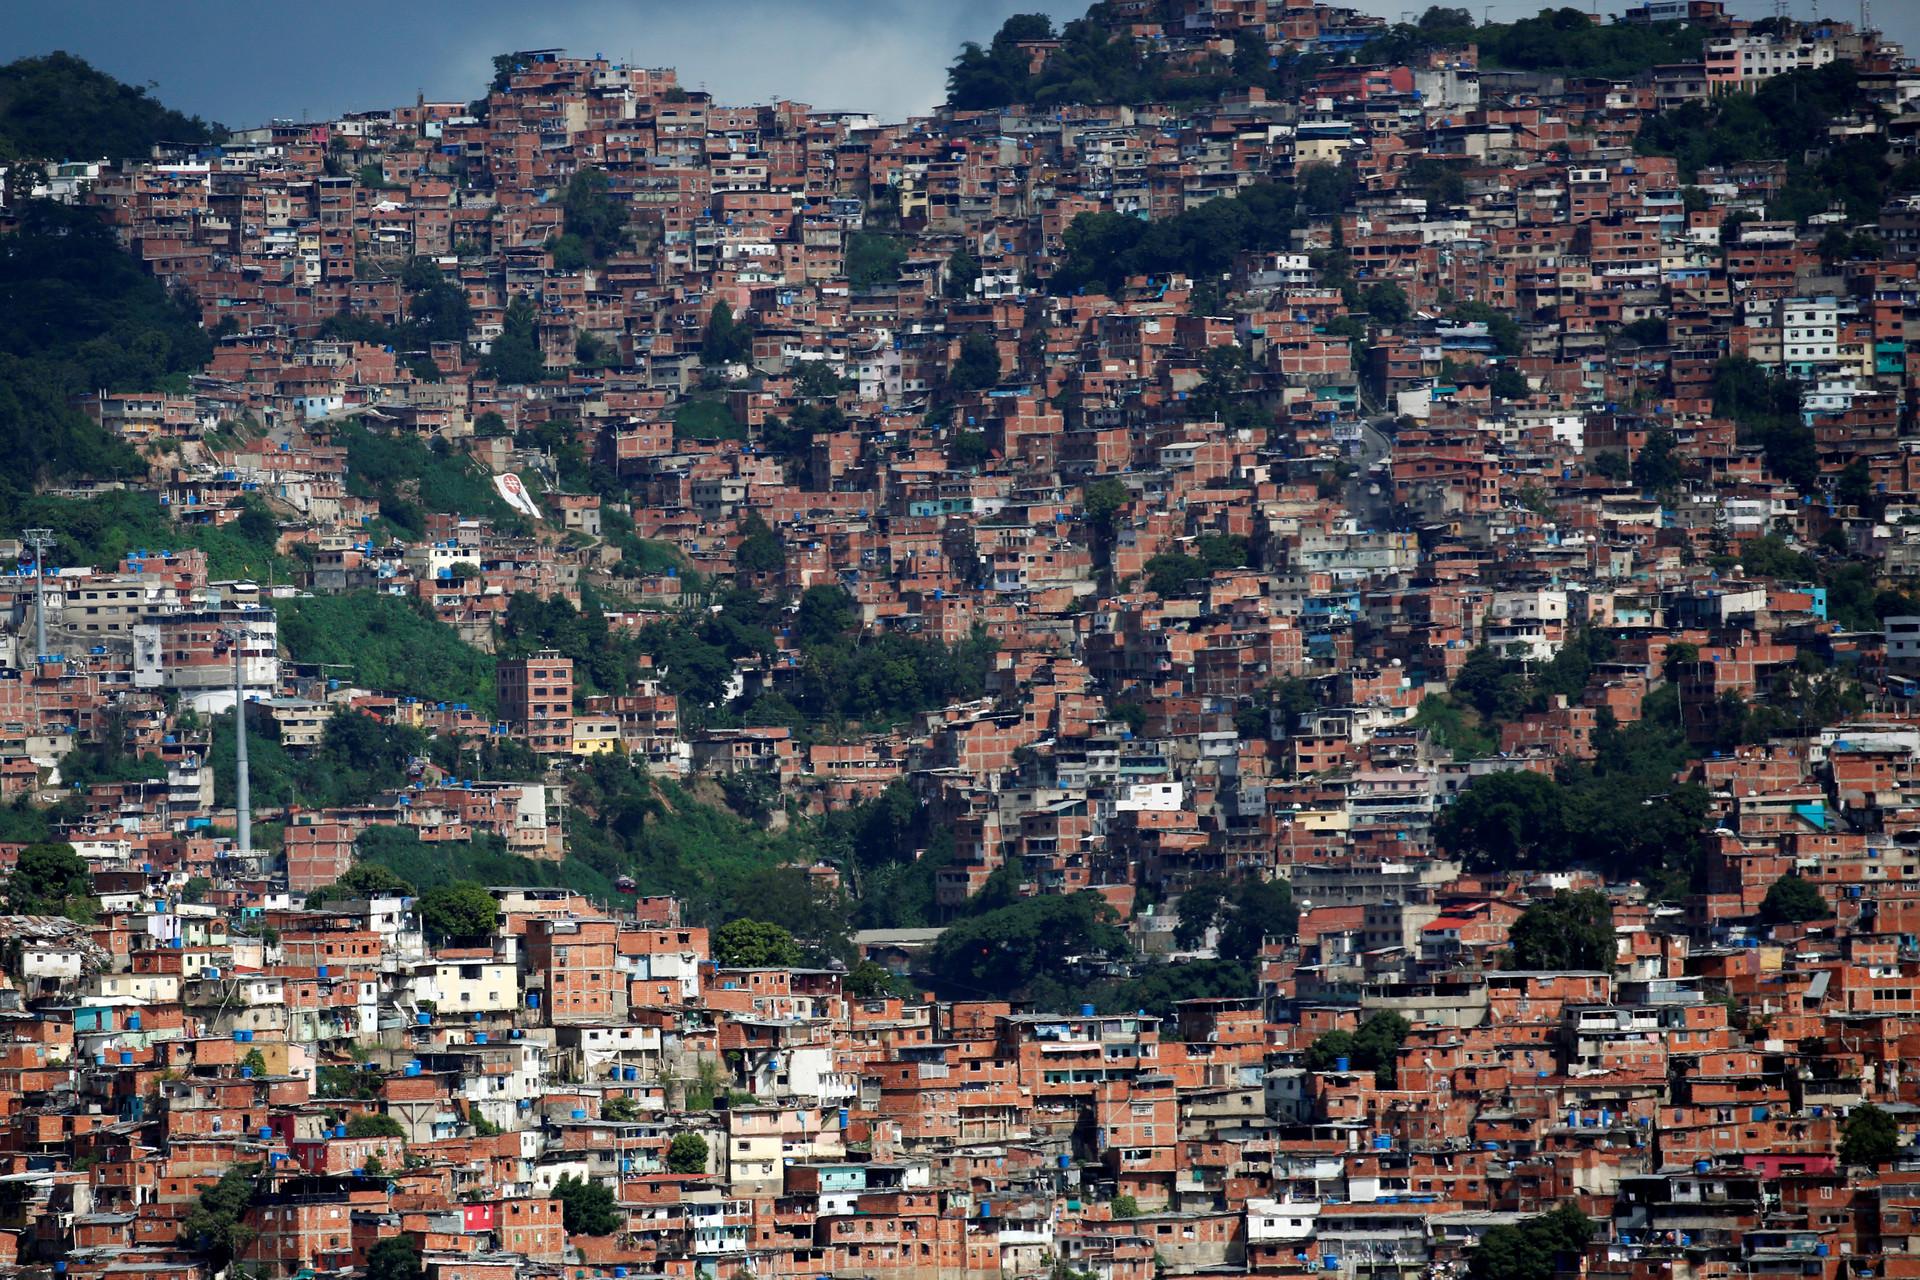 Vista general del barrio caraqueño de Petare. 14 de julio de 2016